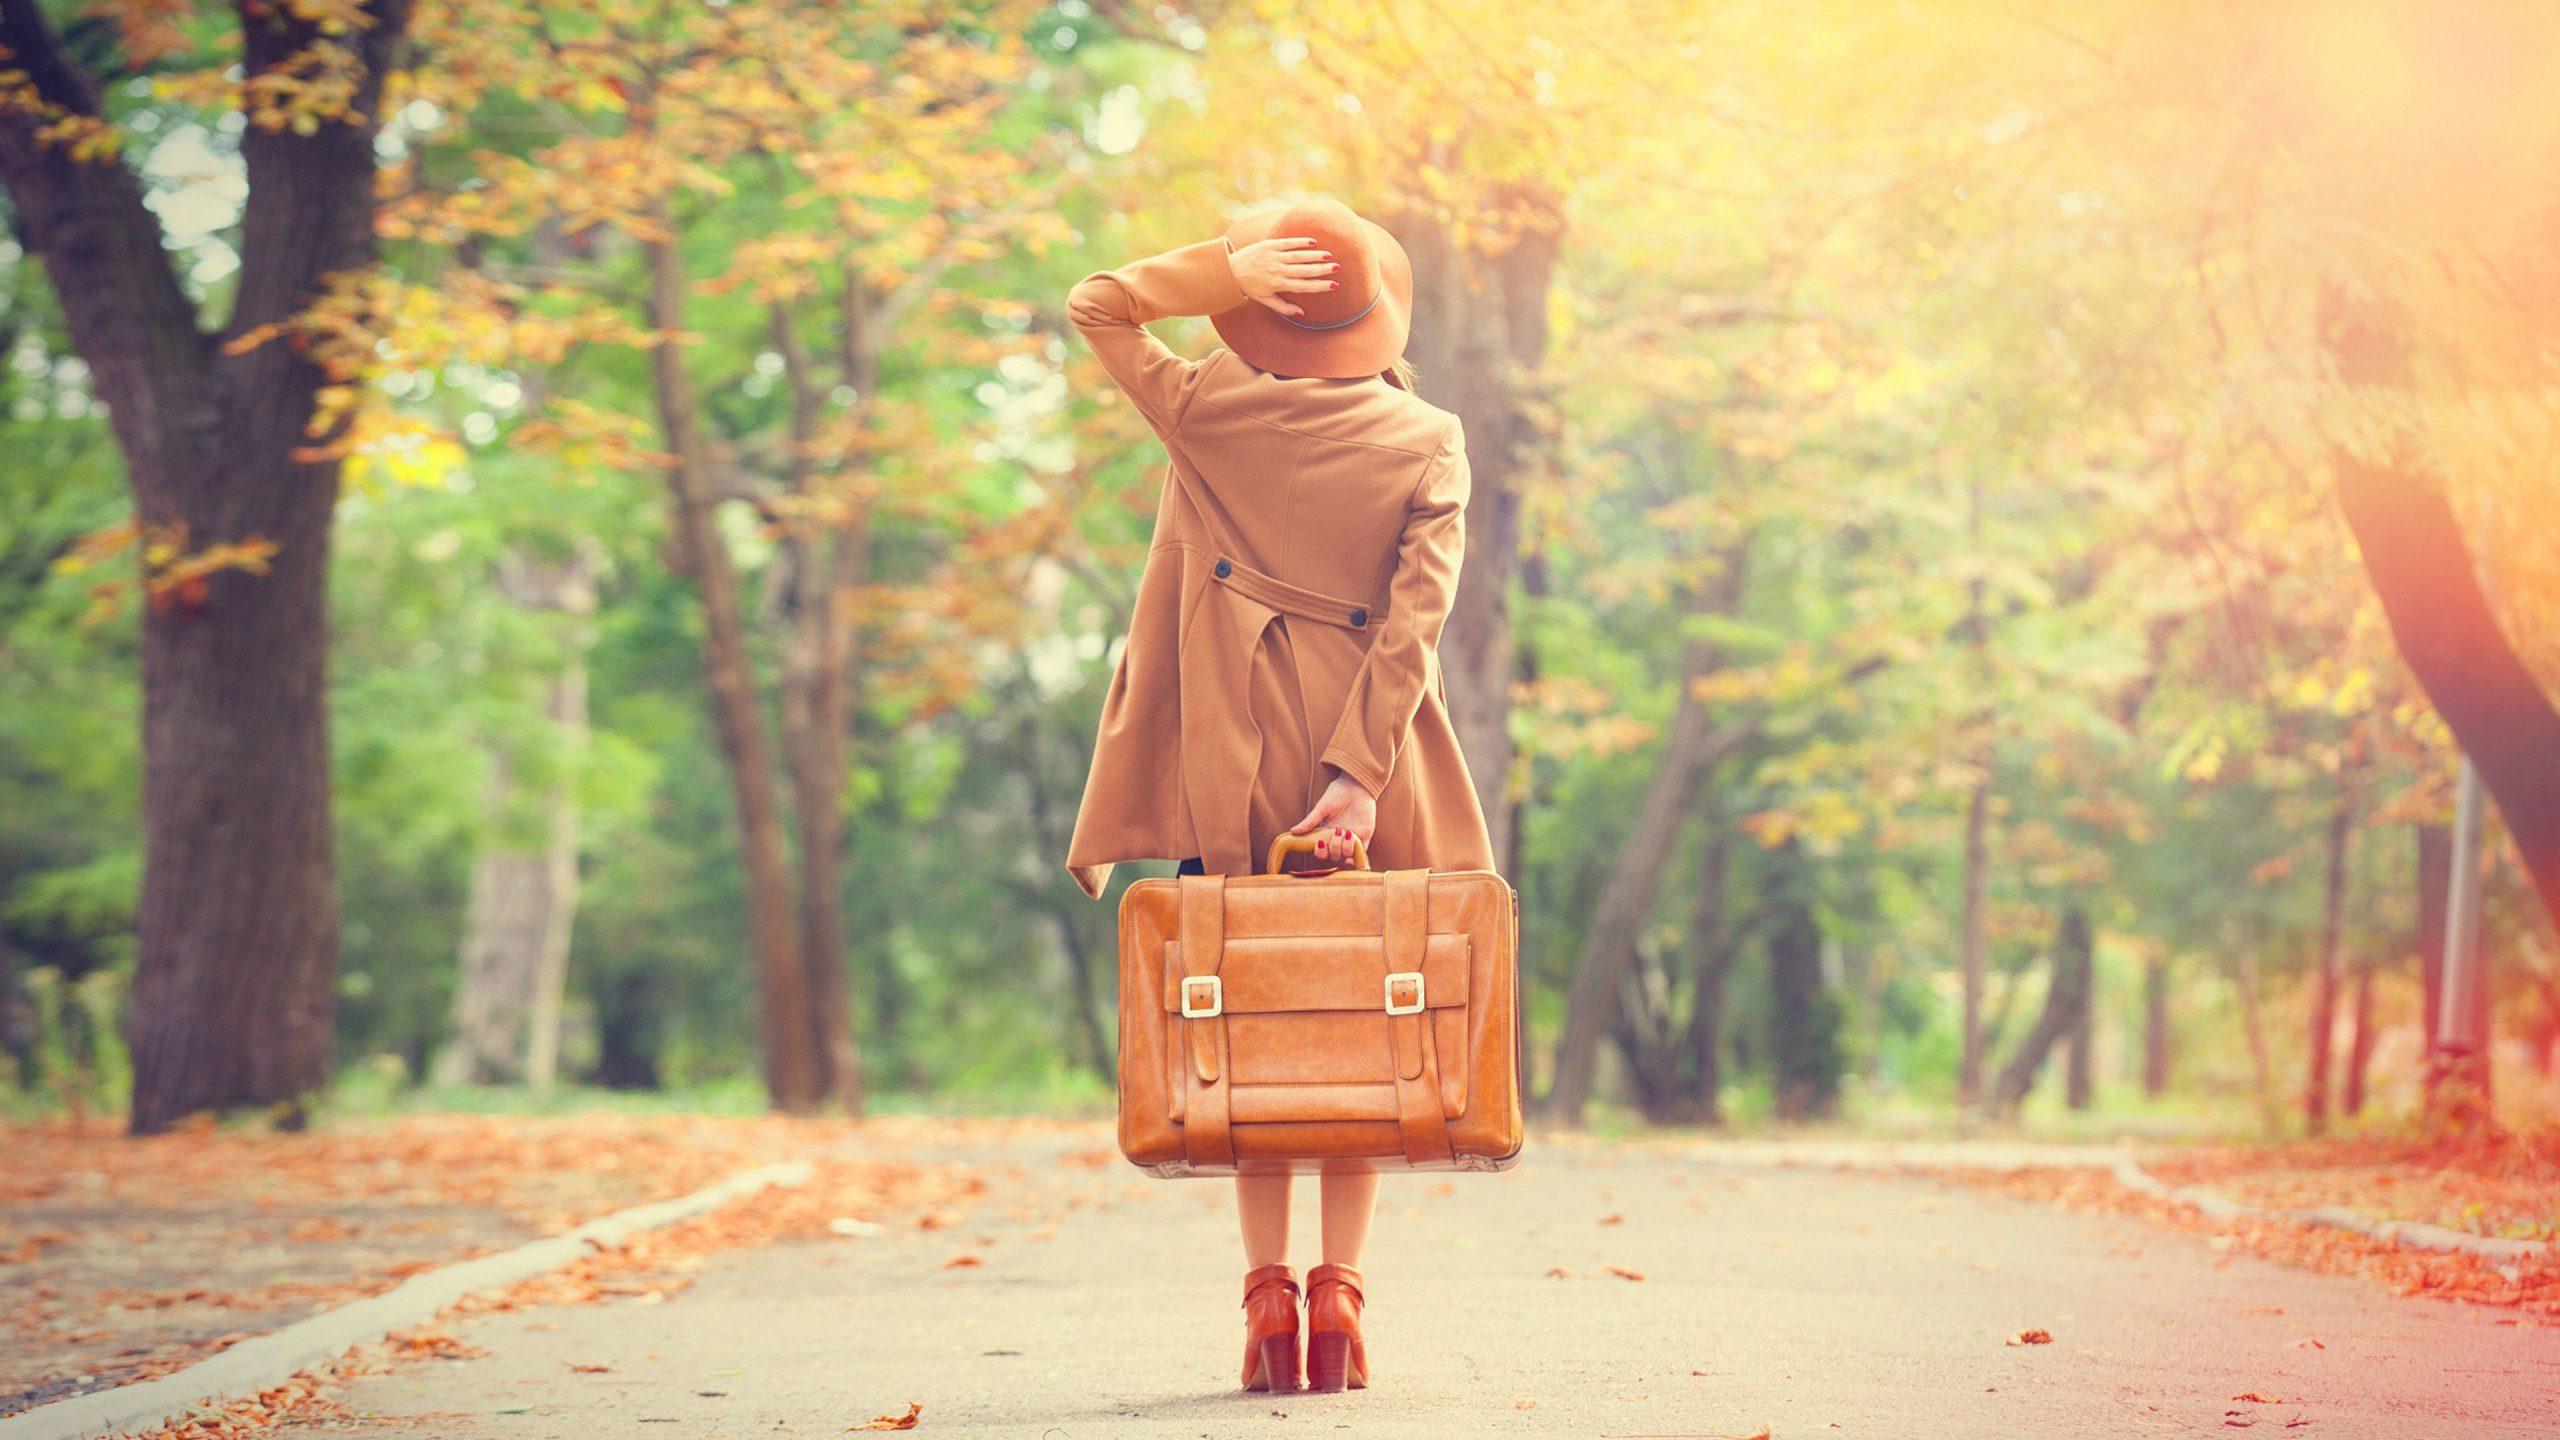 Συμφιλιώνομαι με το παρελθόν, το αποδέχομαι και προχωράω μπροστά